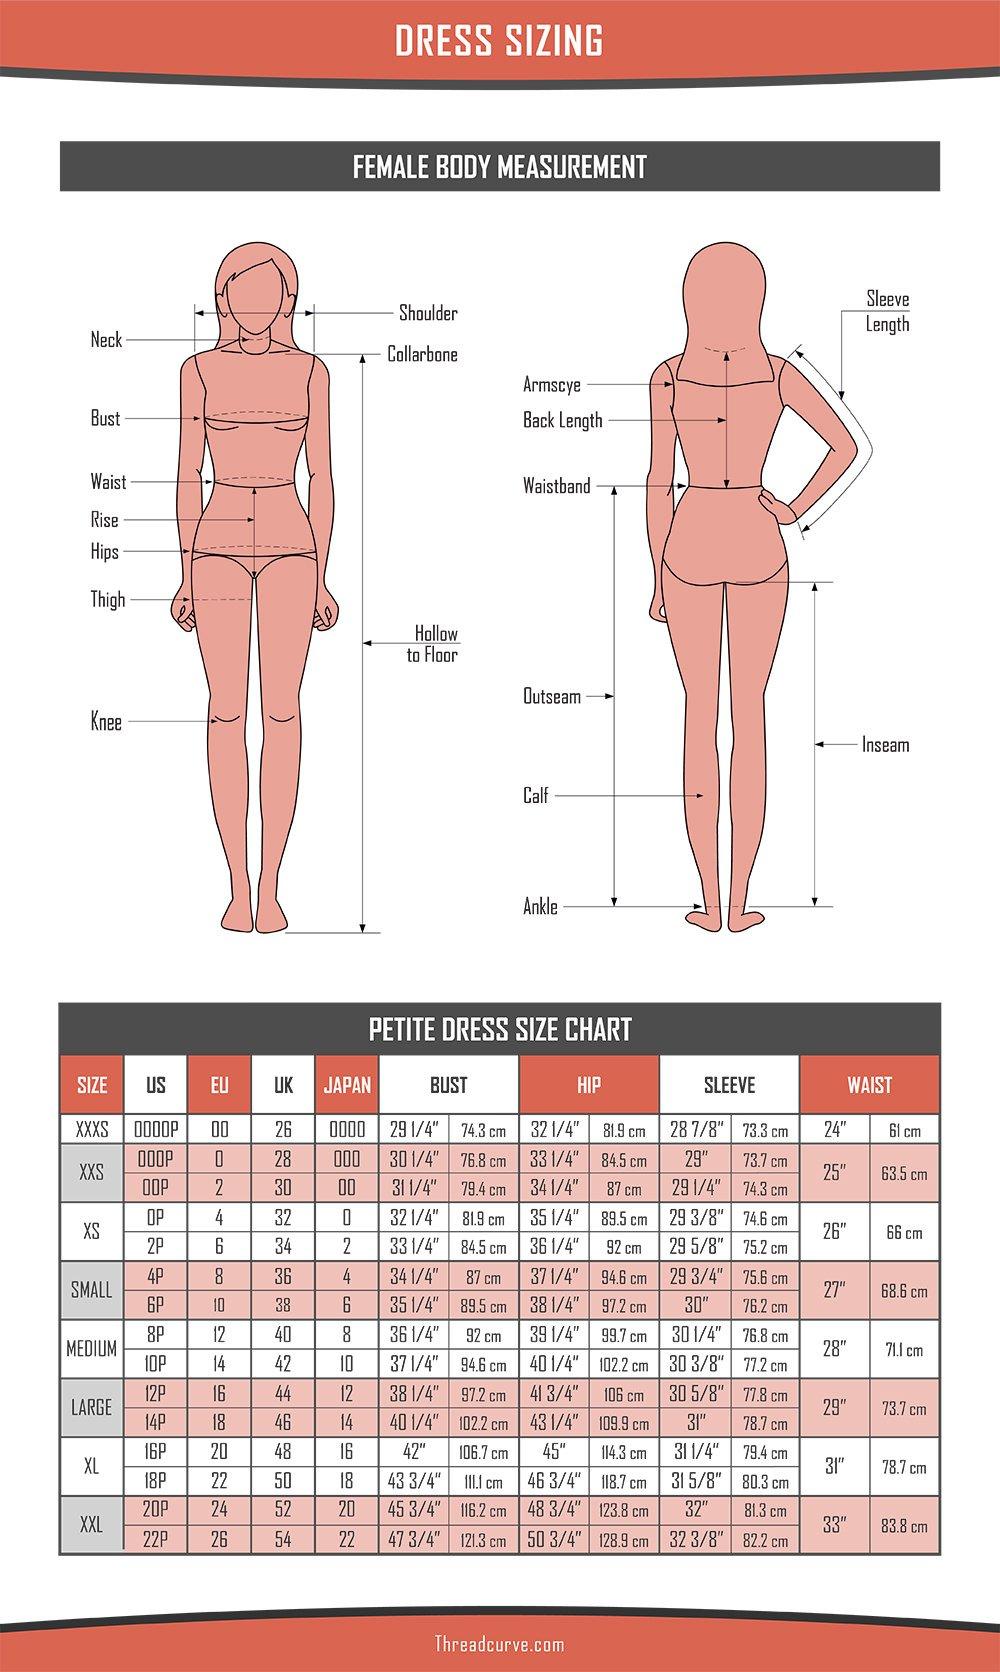 Dress Size Chart, Petite